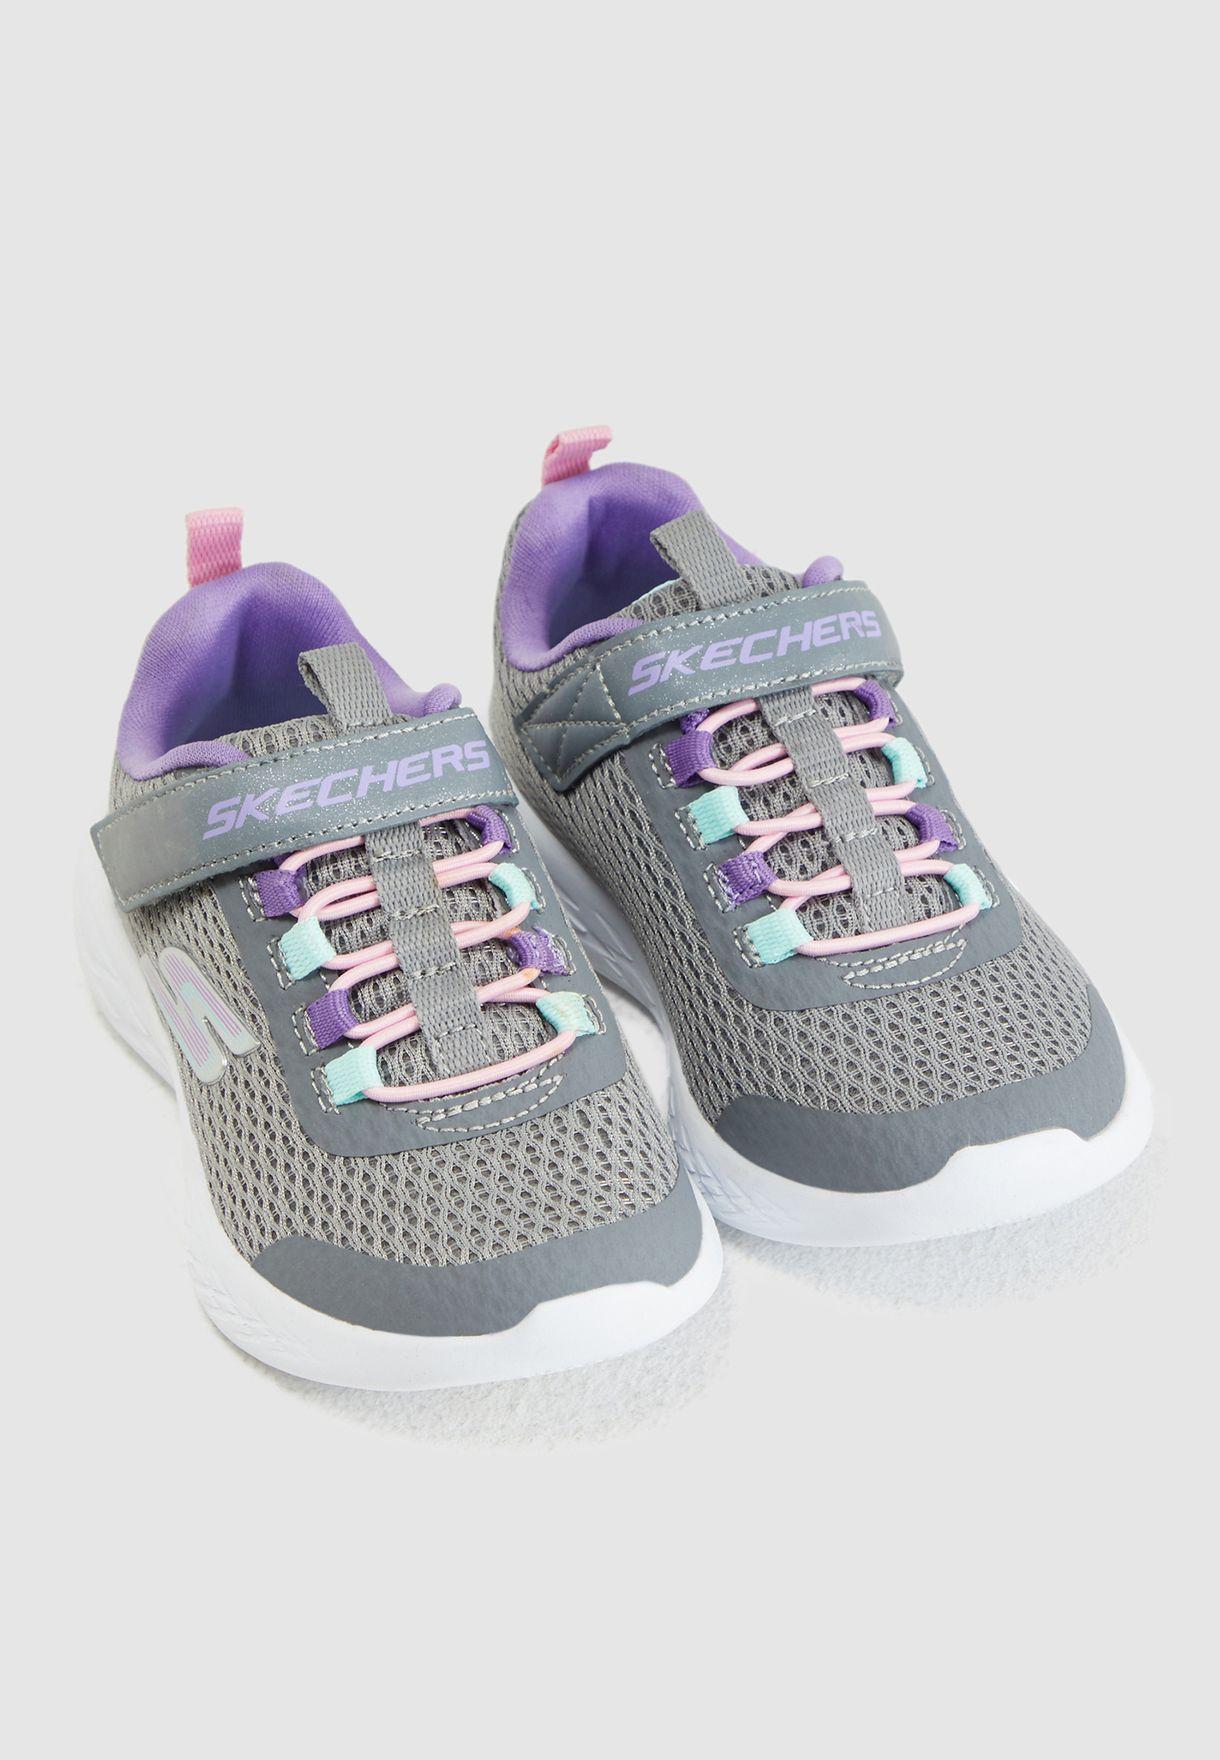 حذاء اس ام يو للأطفال